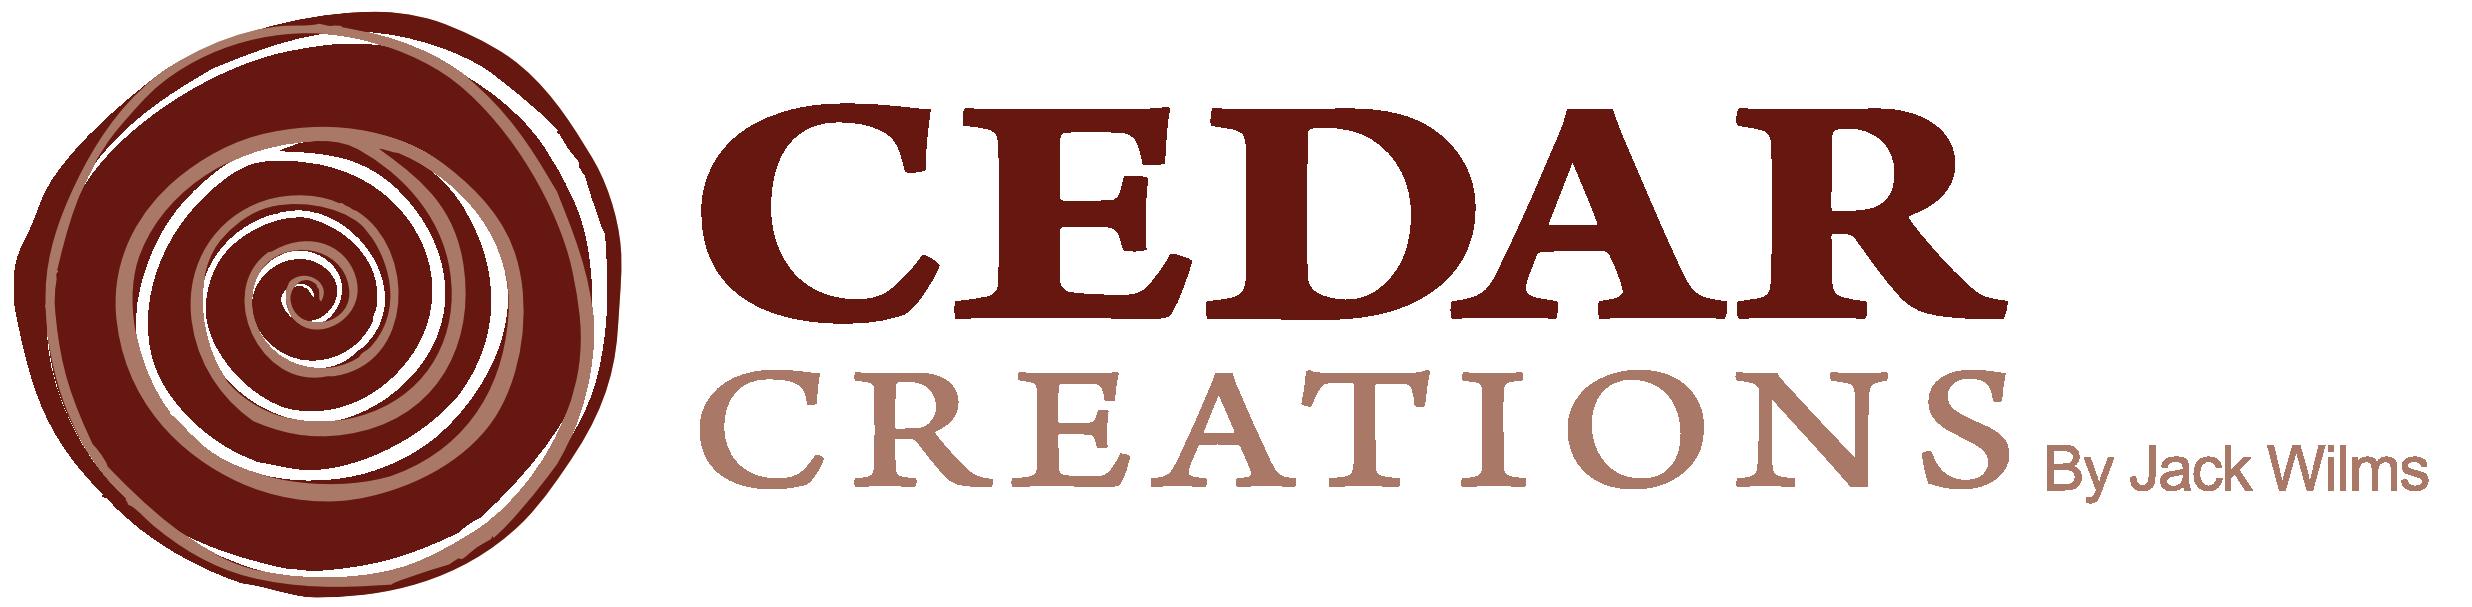 Cedar Creations